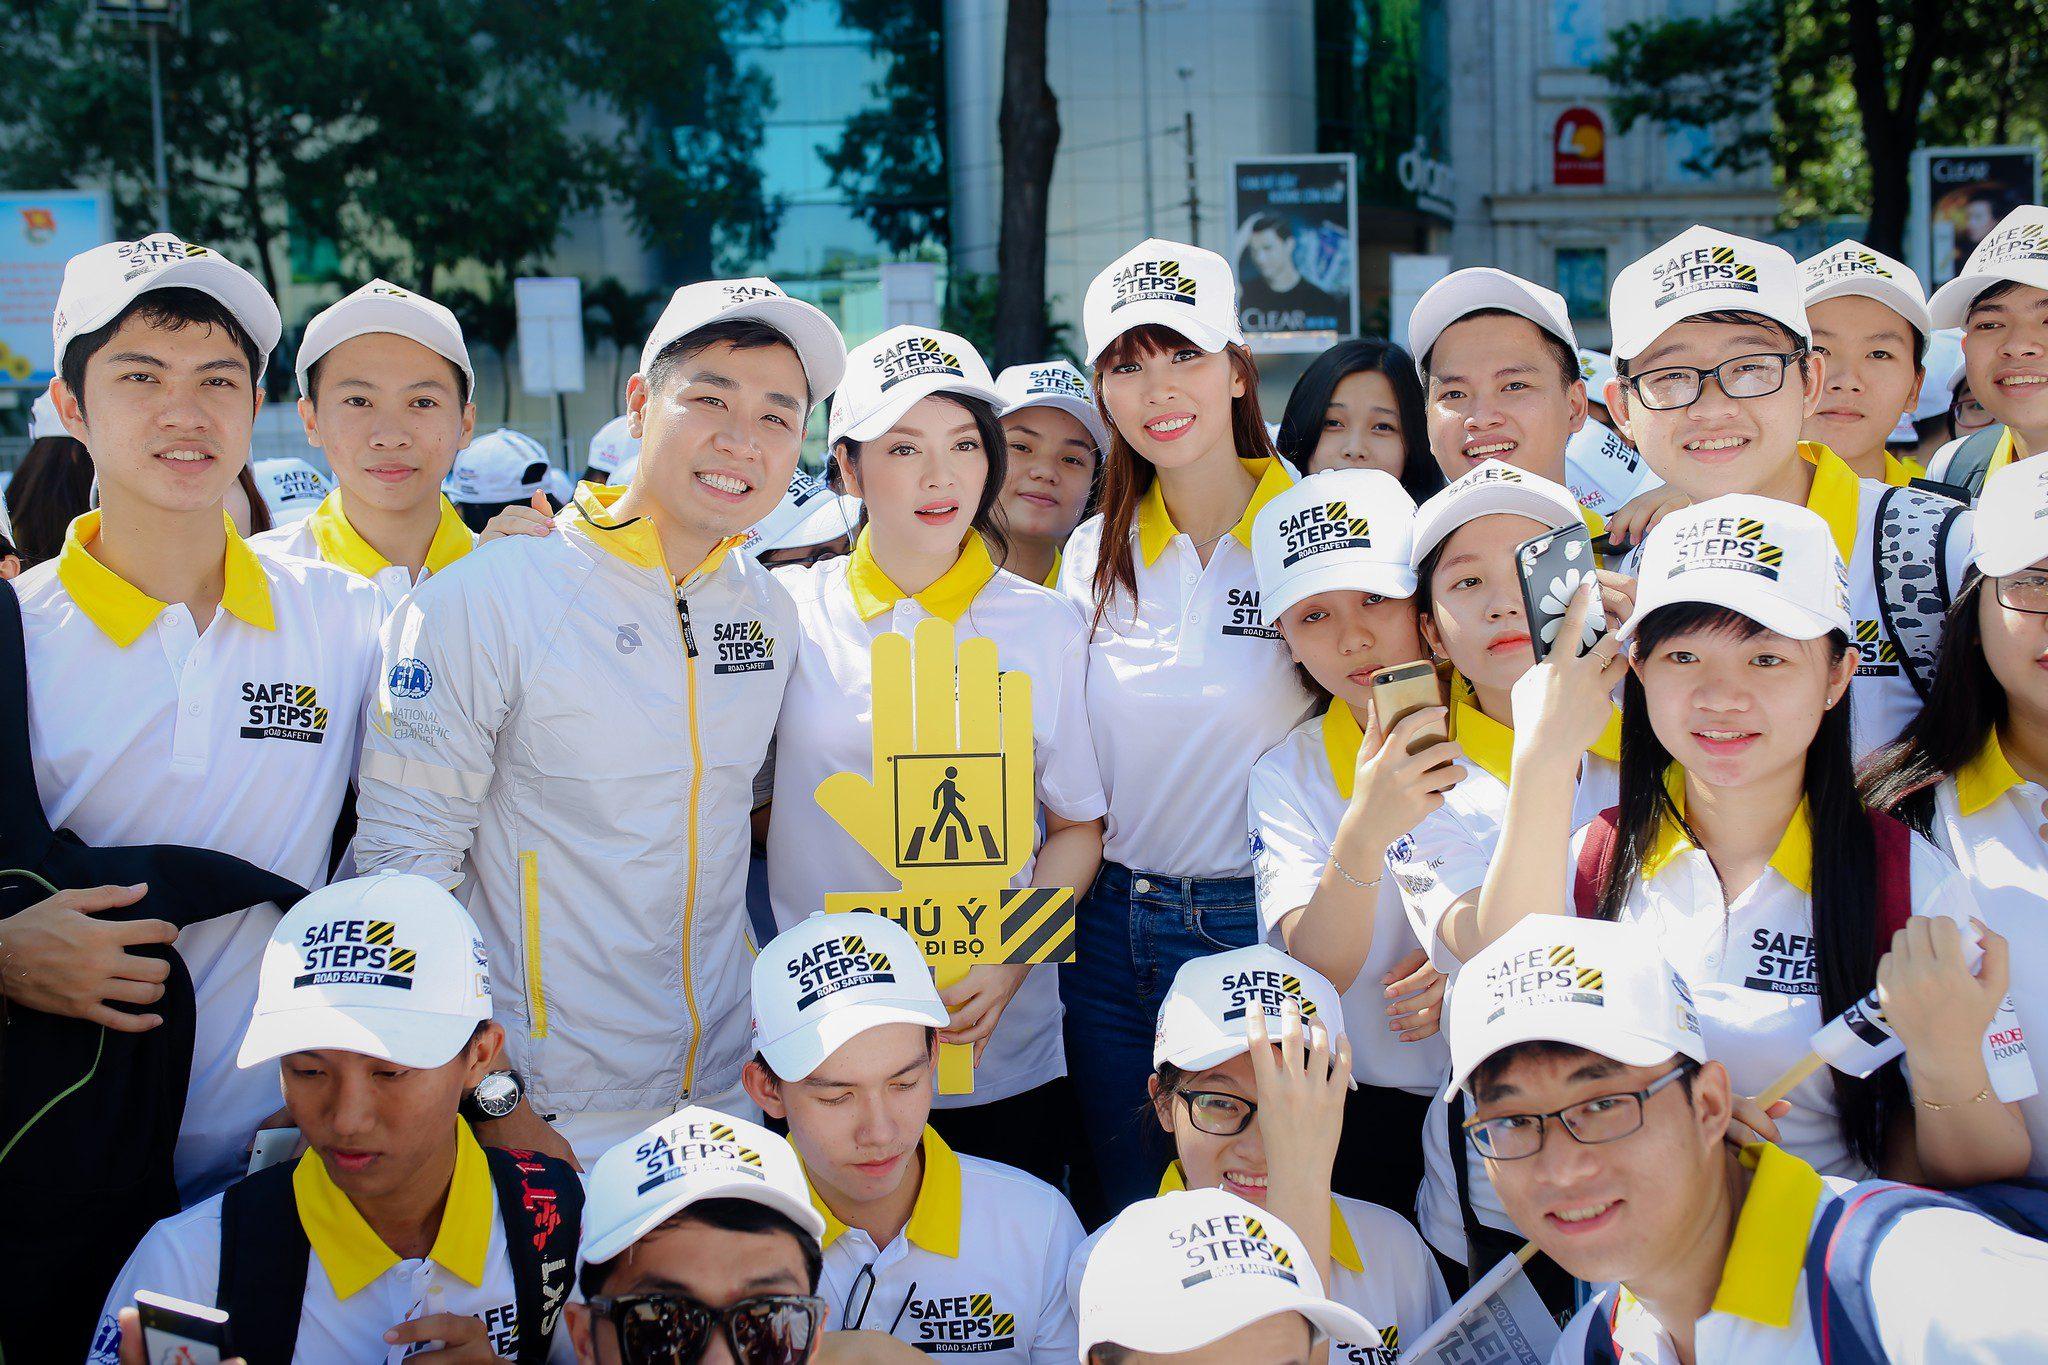 Ao thun Safe steps Road Safety 9 - Bừng sáng sự kiện Safe Steps của Liên Hợp Quốc tại Việt Nam với áo thun sự kiện